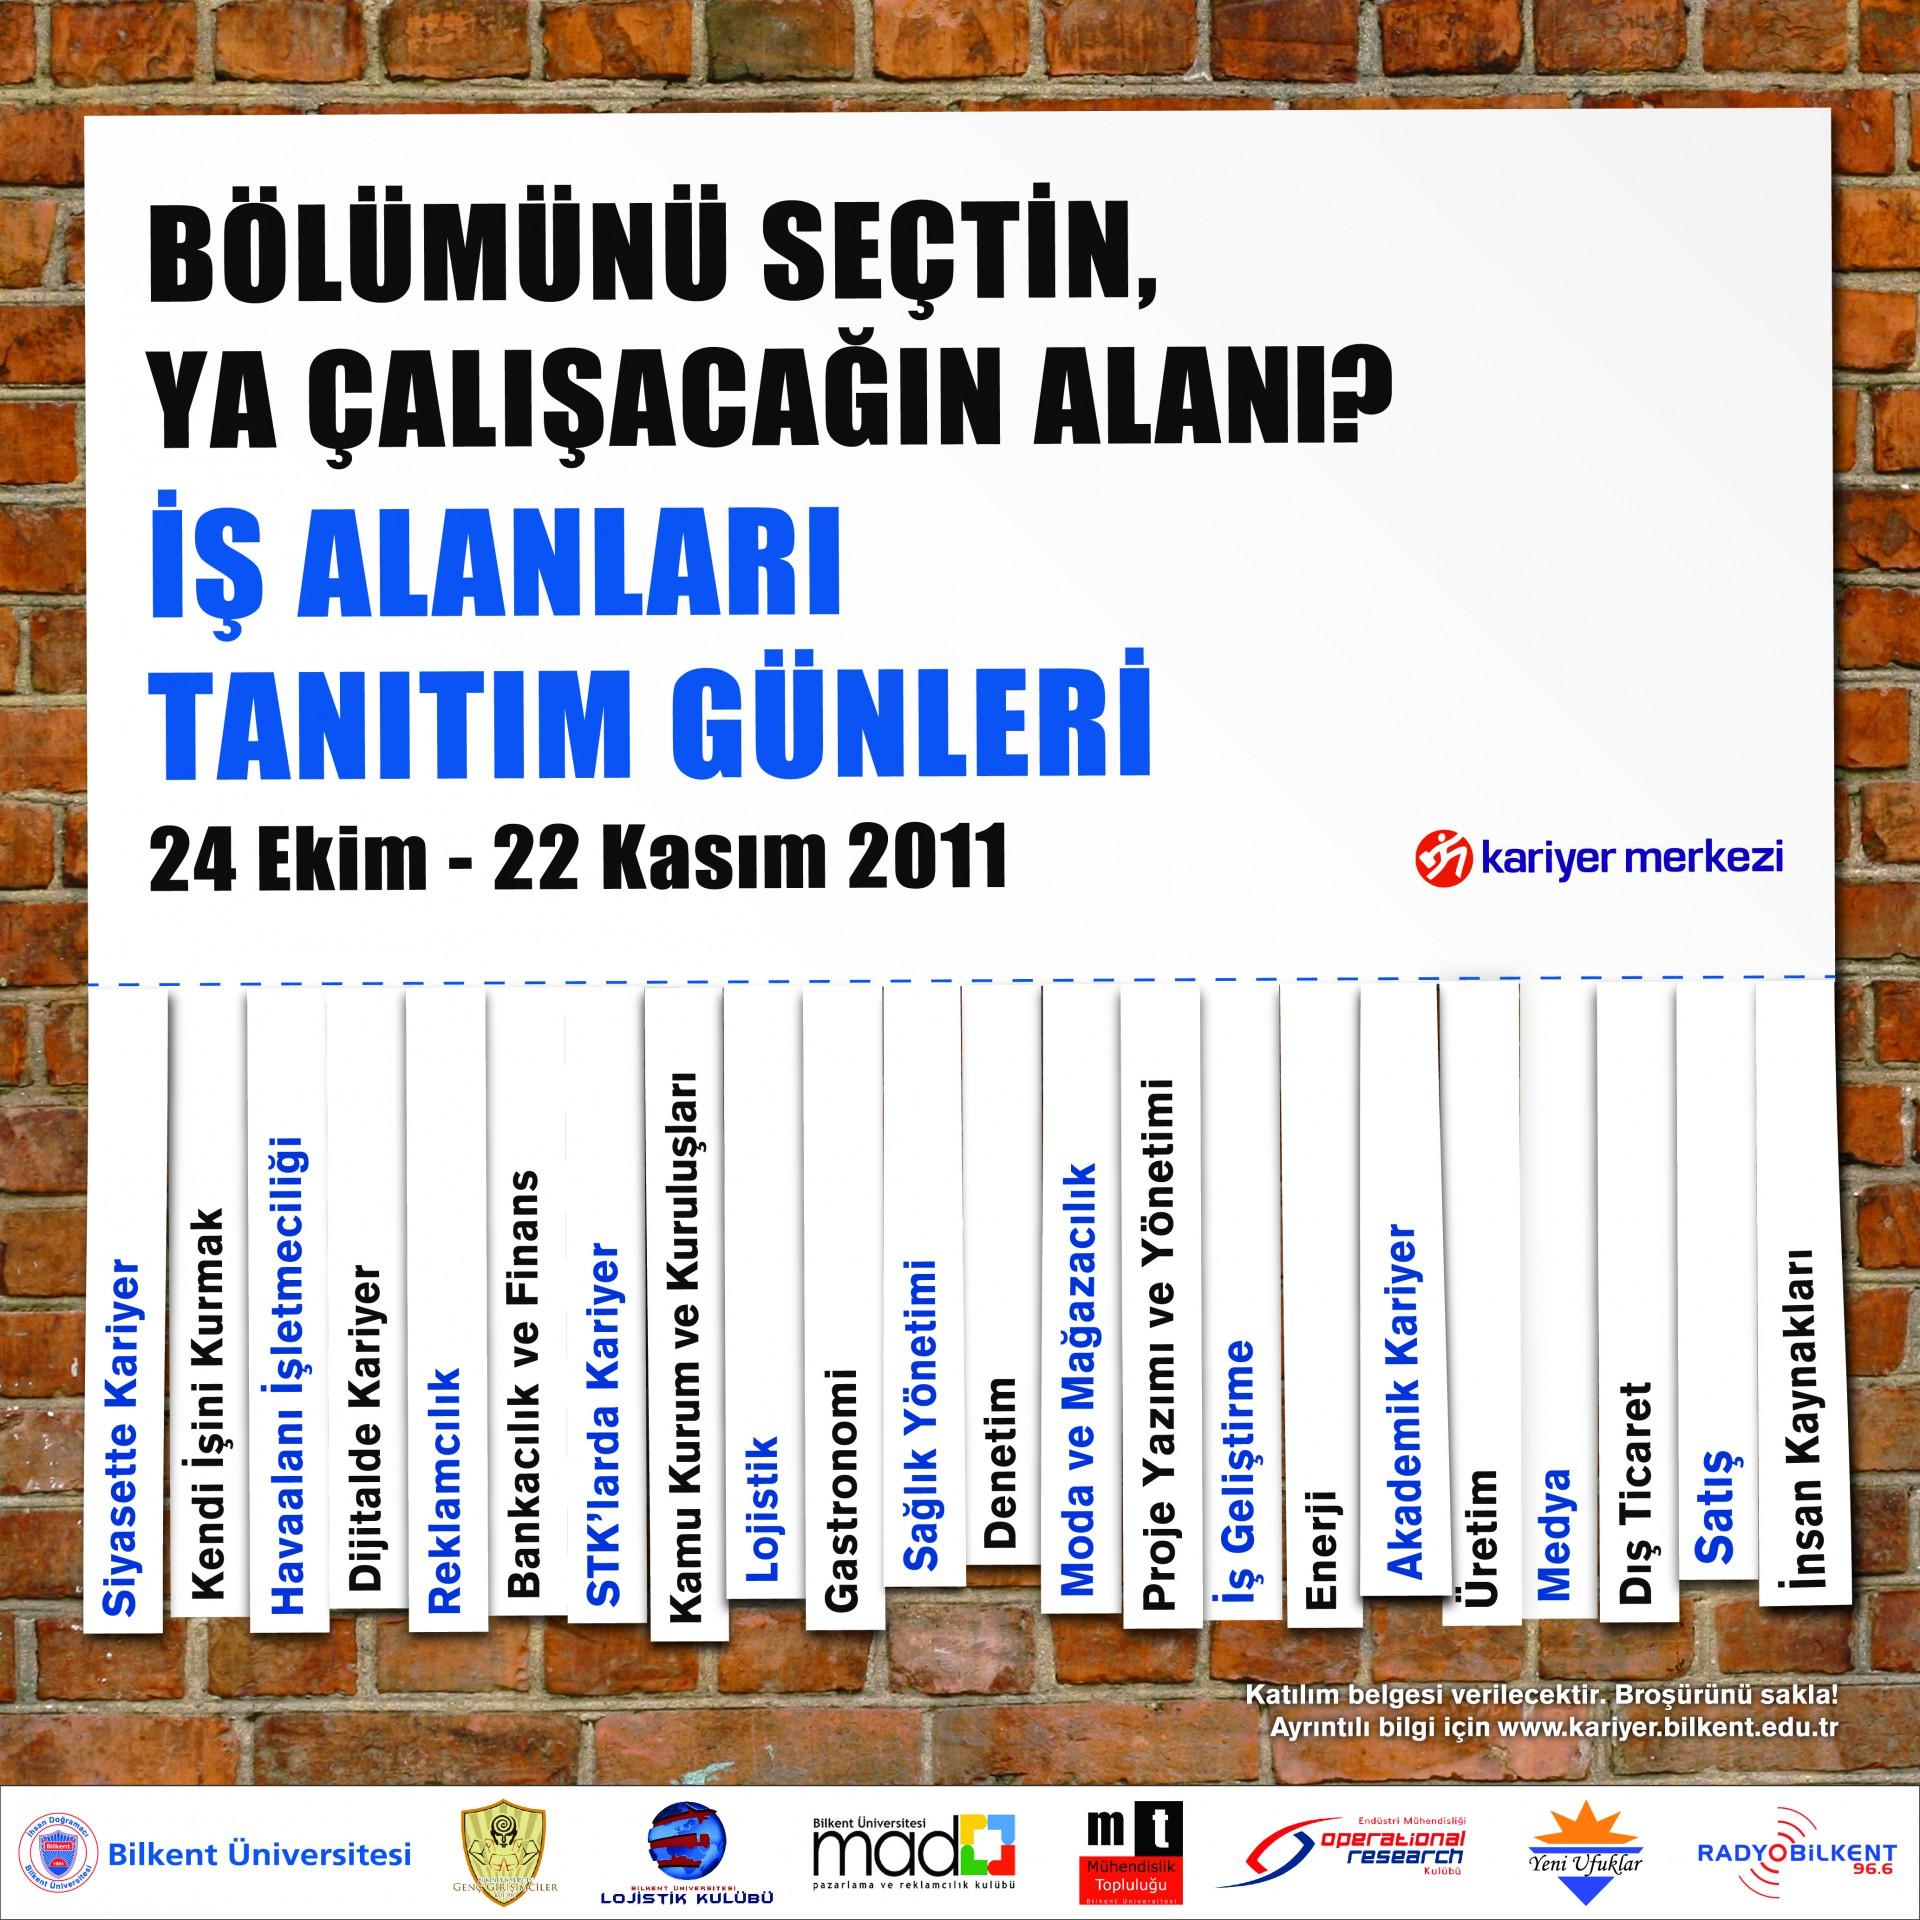 İş Alanları Tanıtım Günleri 2011 (24 EKİM-22 KASIM) 3